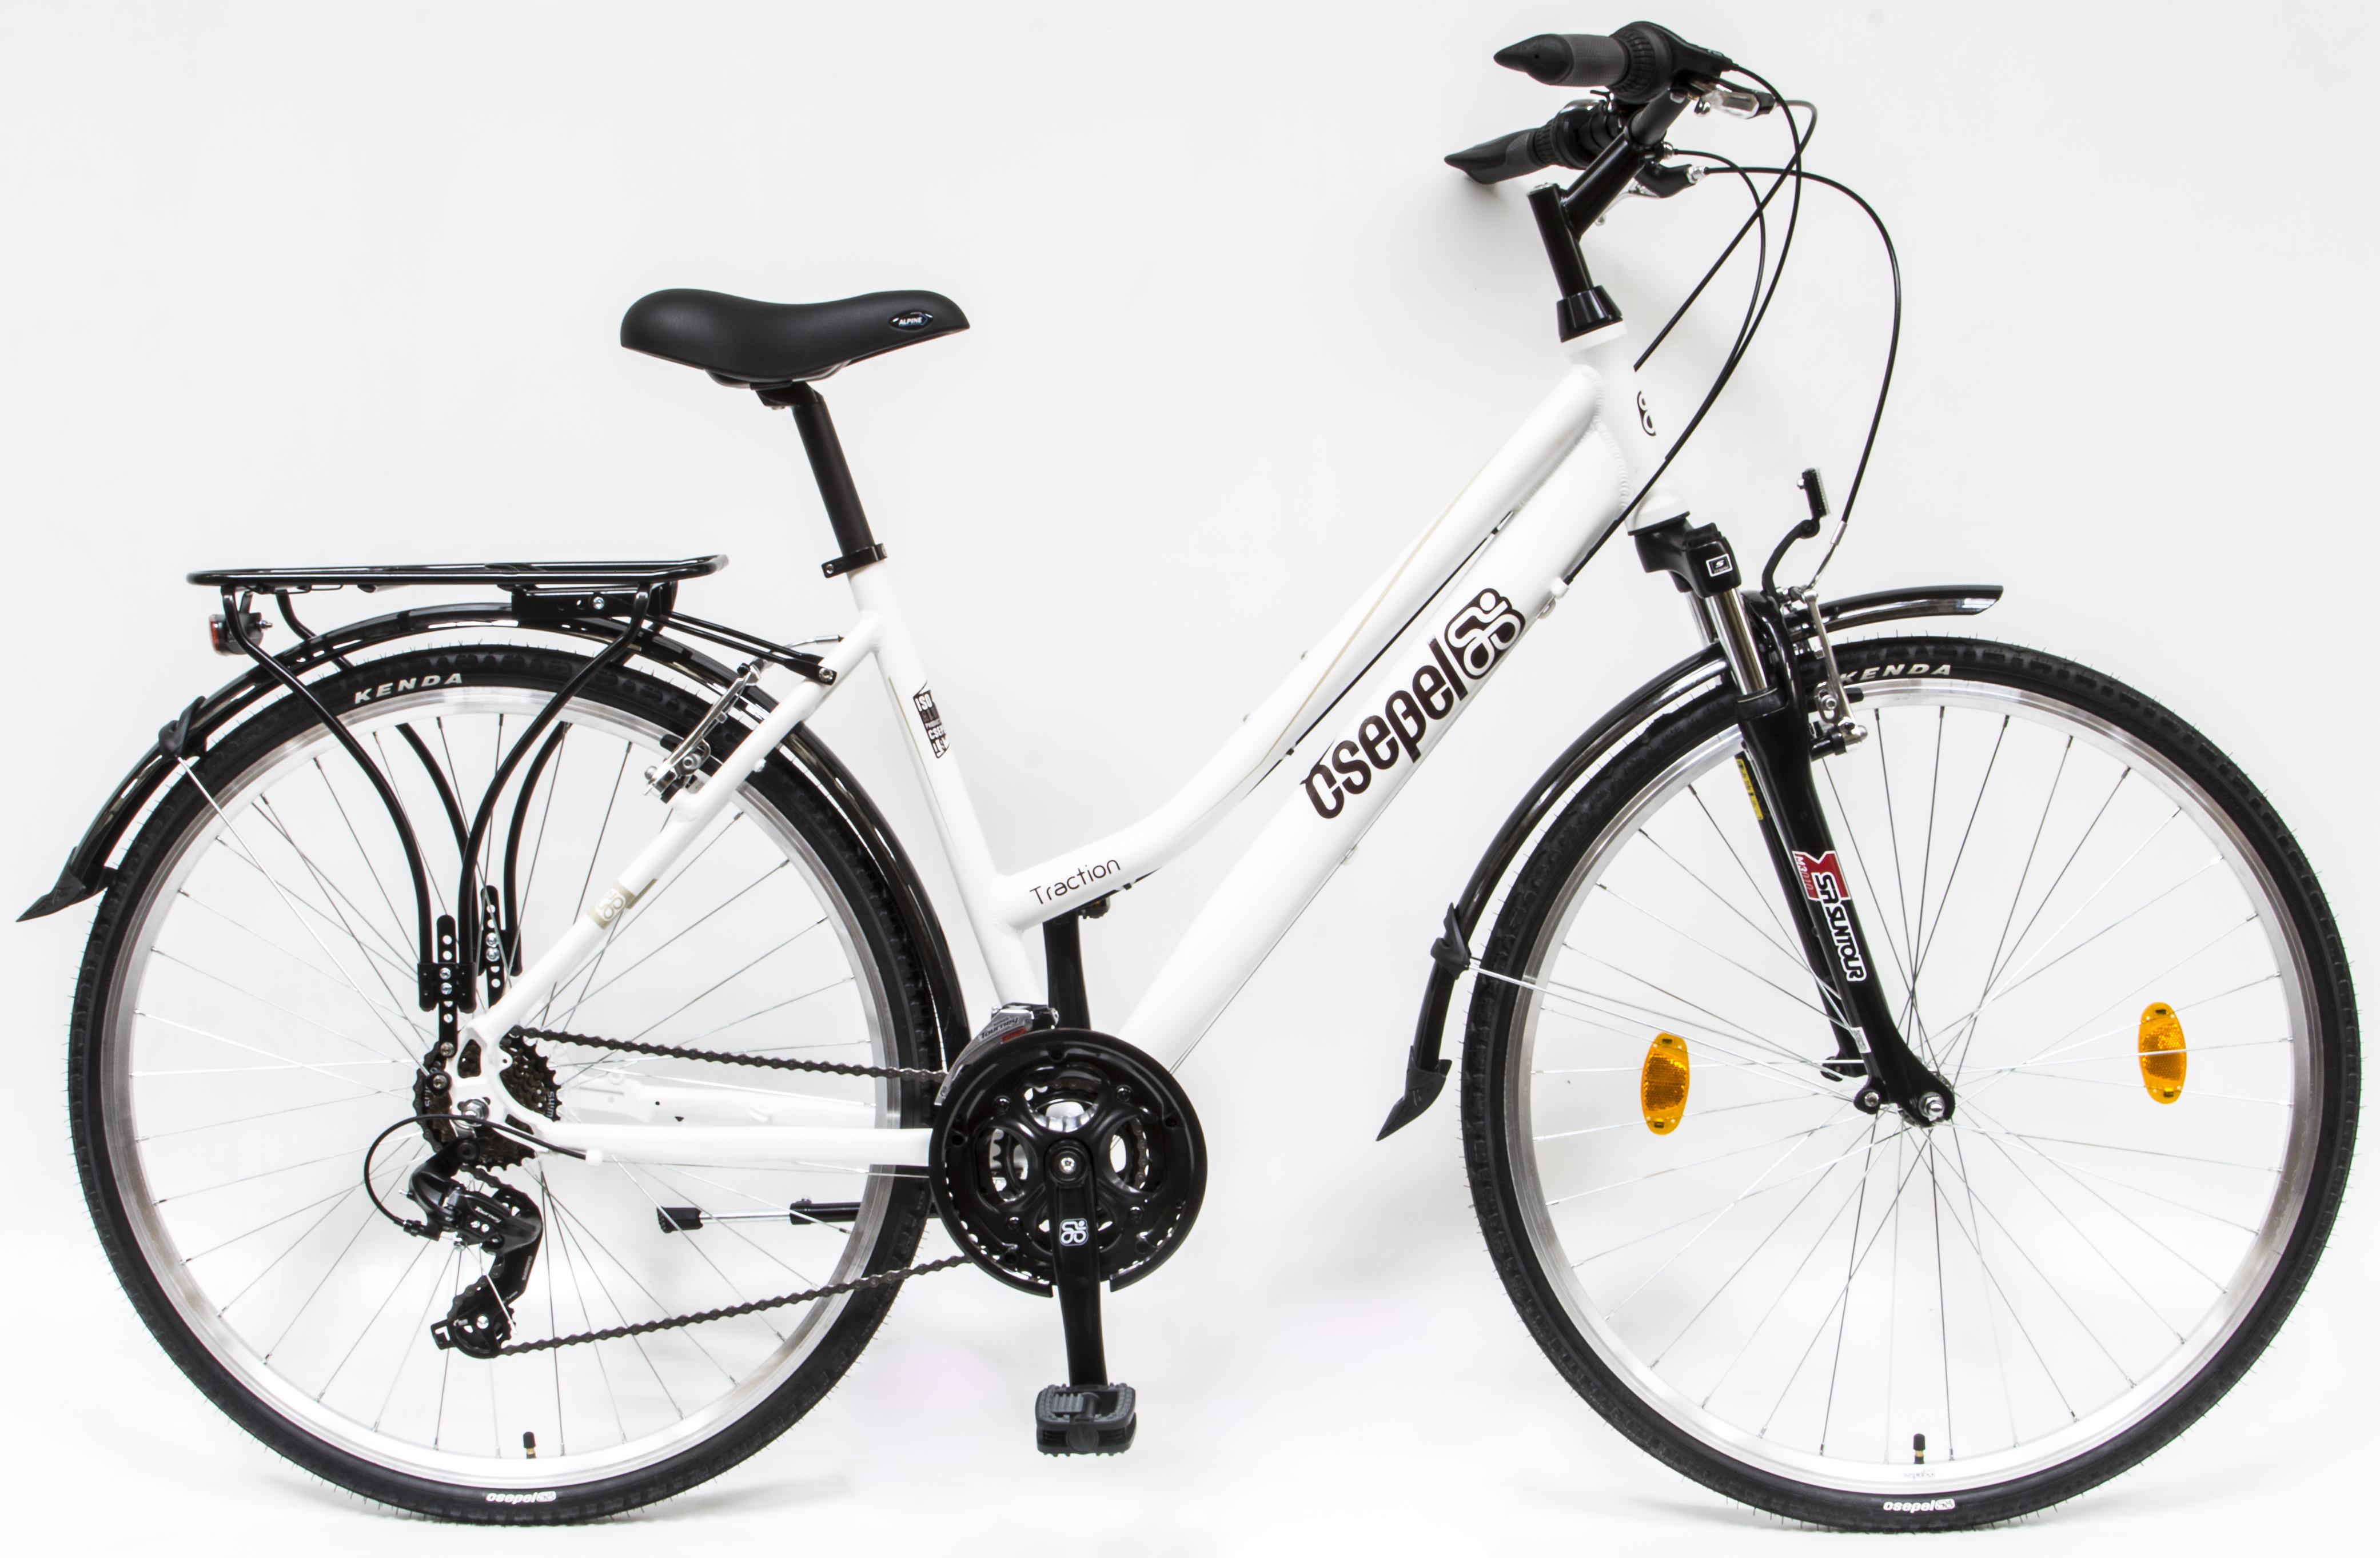 b997d86c9141 Schwinncsepel TRC 100 28/19 21SP 18 női Trekking Kerékpár | női | Kerépár  Webshop | Akciós kerékpárok